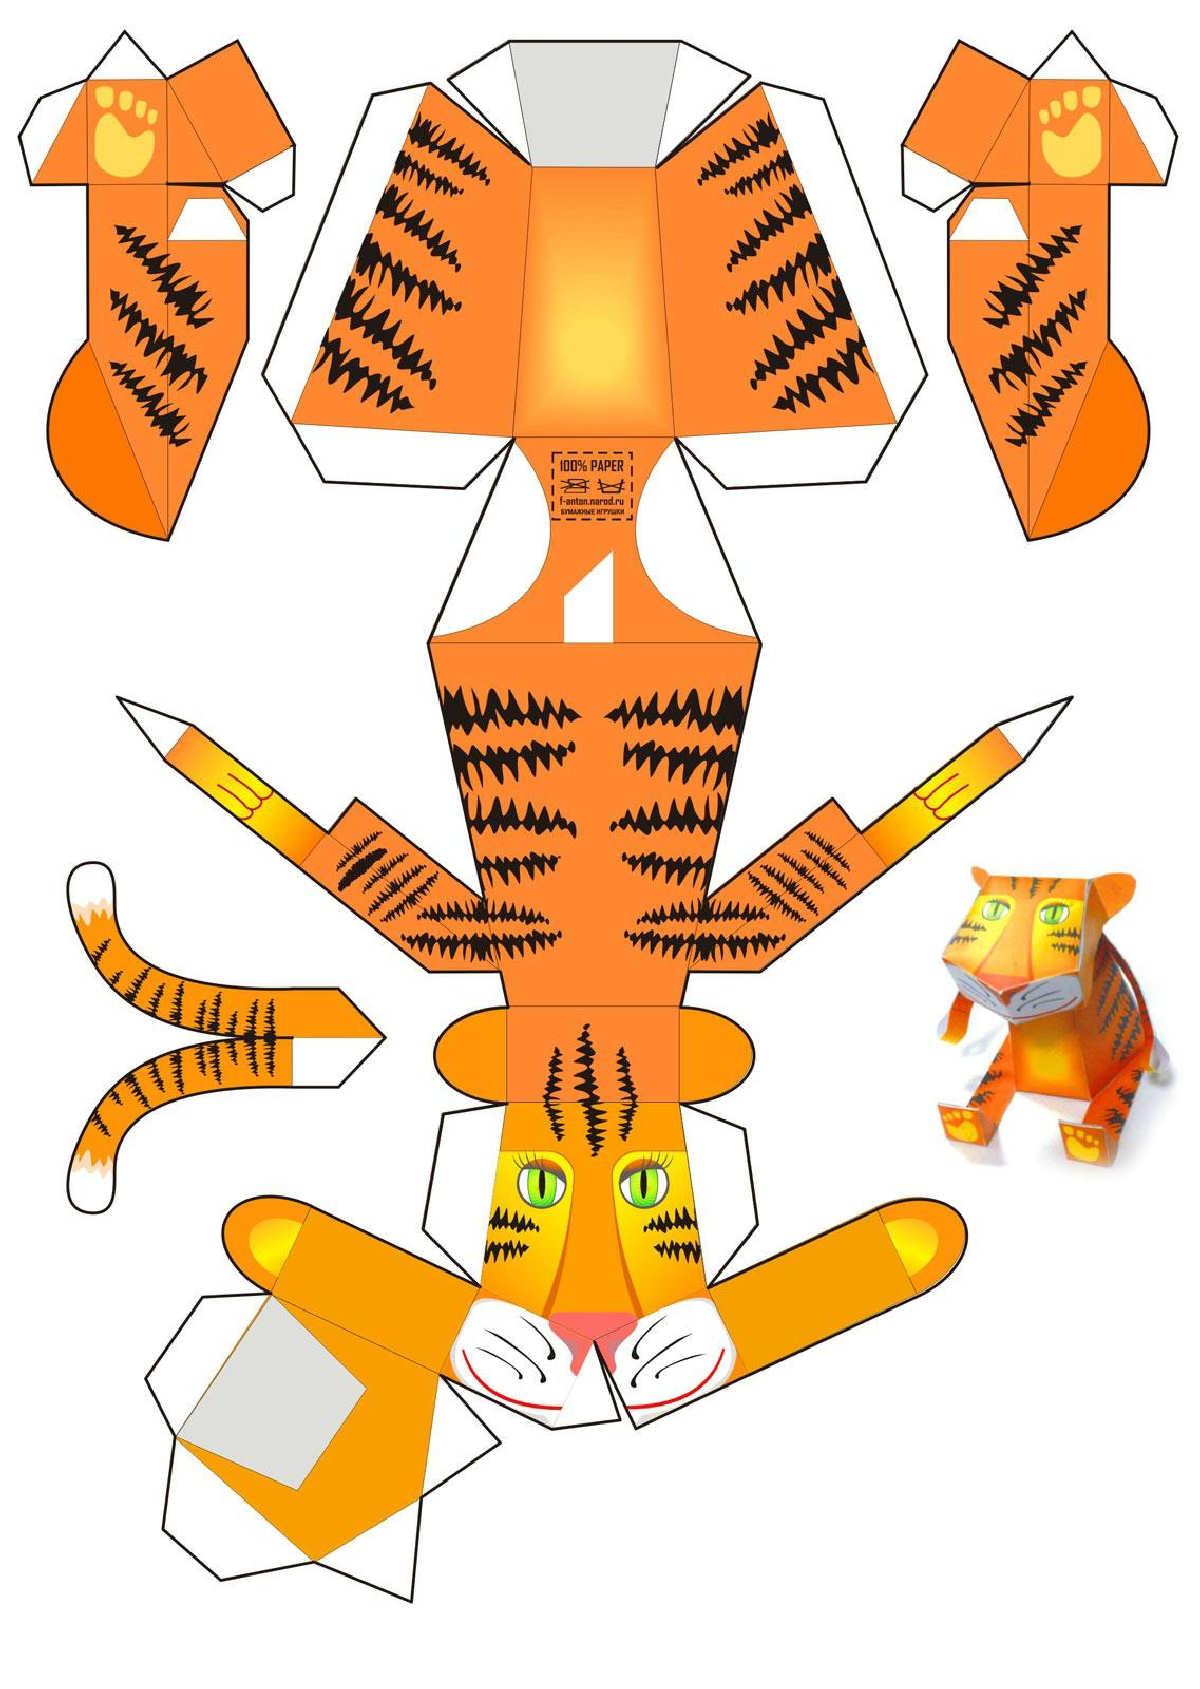 Tigre Recortar Y Armar Ilustraciones Para Manualidades Souvenirs Tarjetas